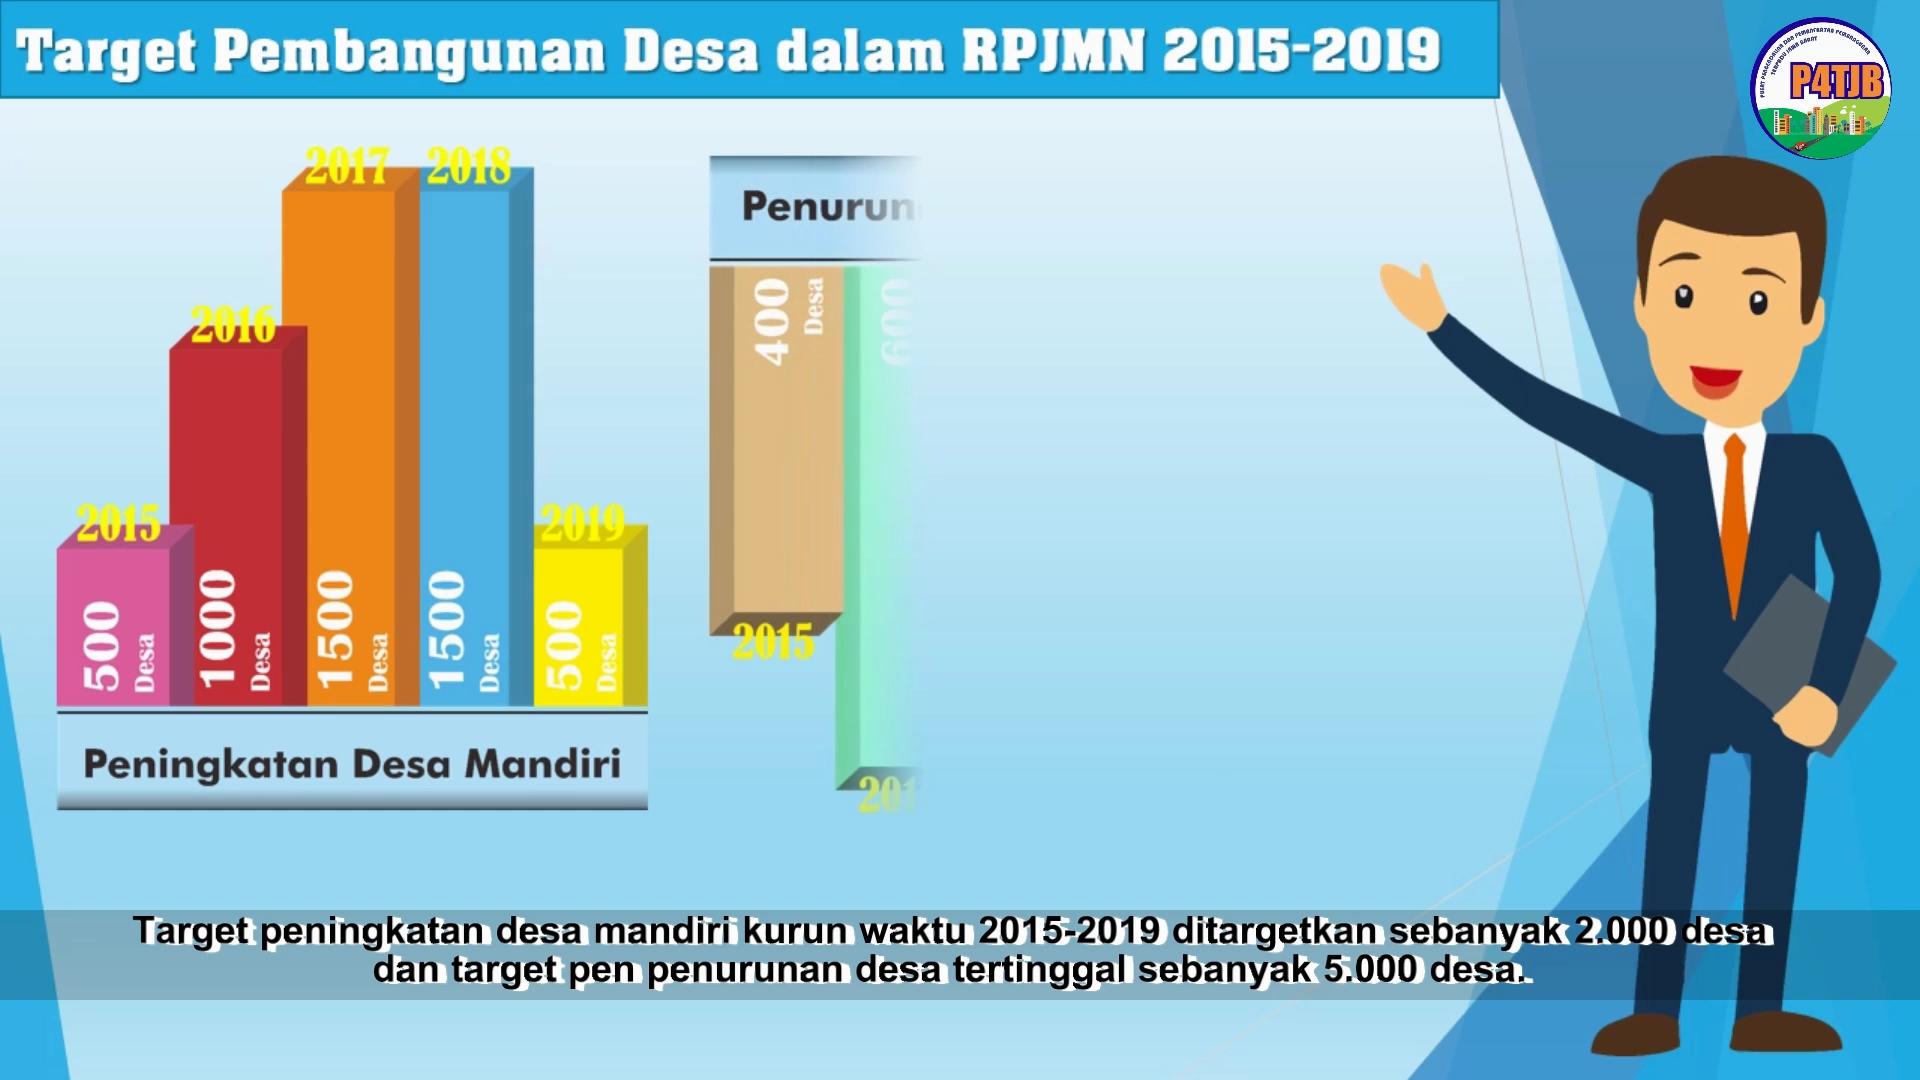 Pembangunan Infrastruktur Pedesaan (P4TJB)